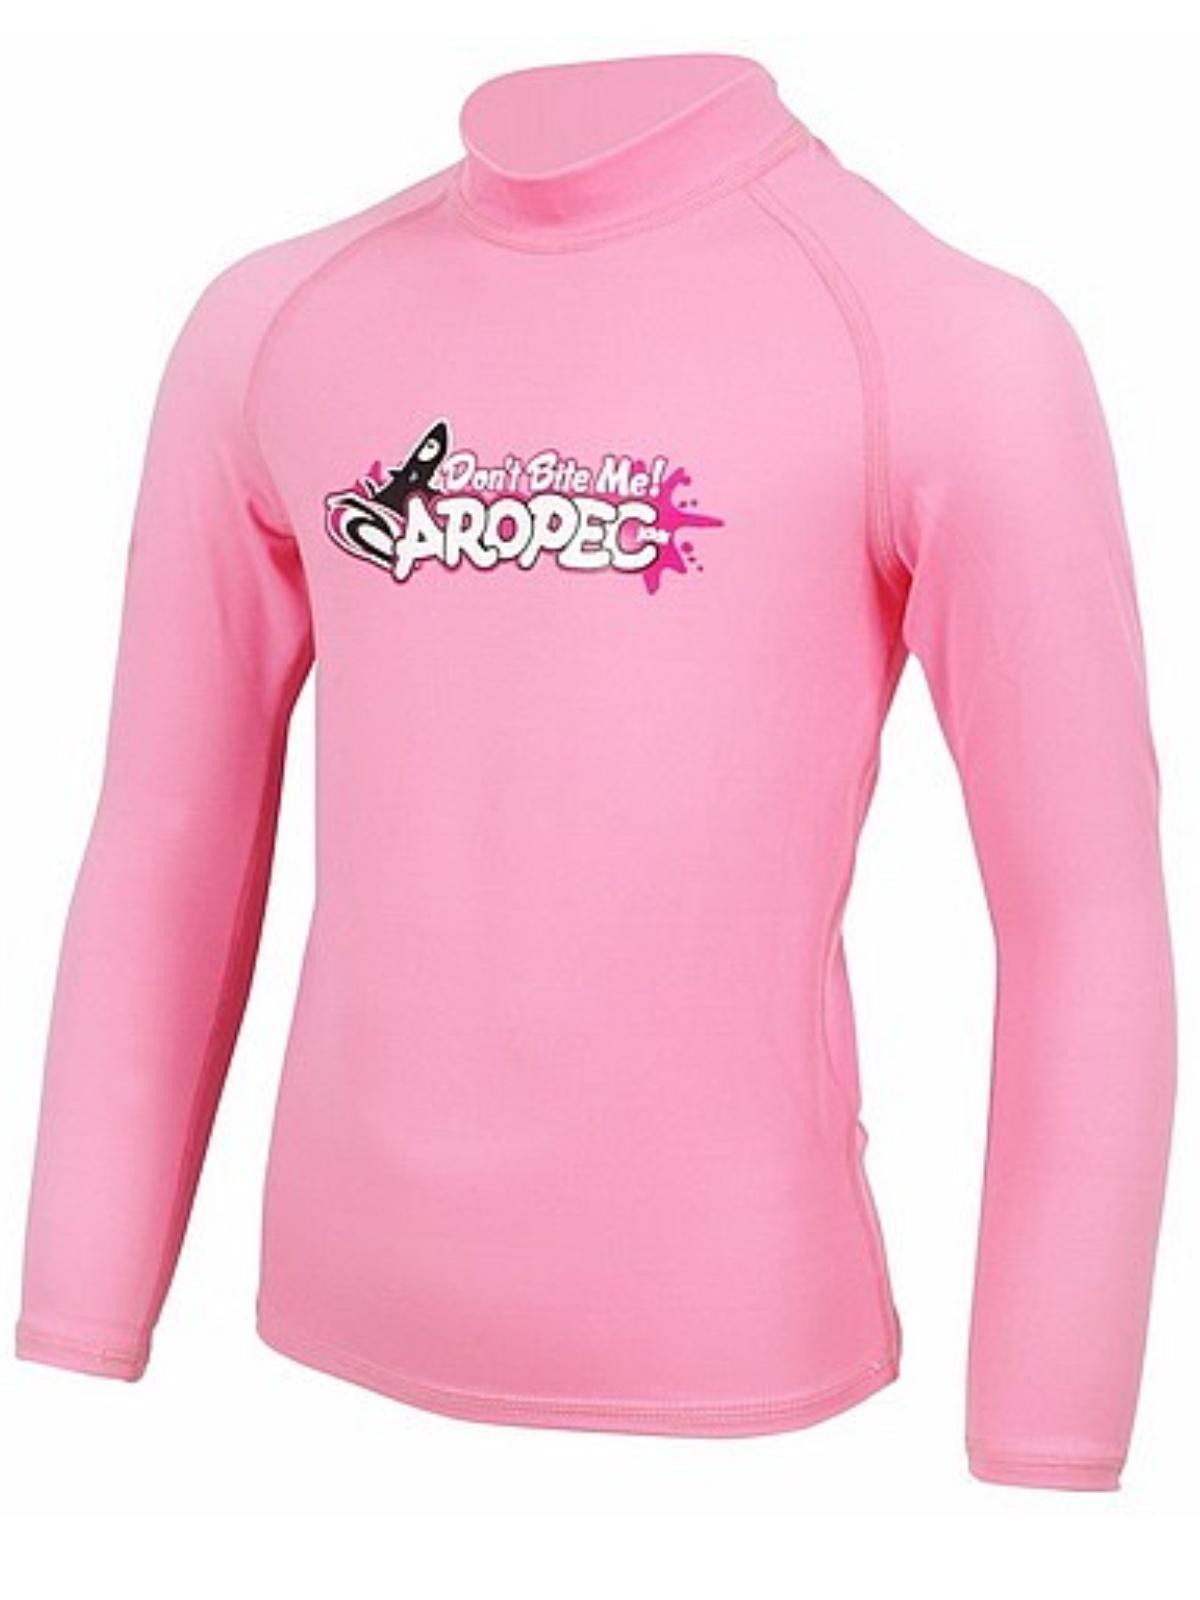 Lycrové tričko AROPEC Marvel Kid detské ružové - veľ. 16